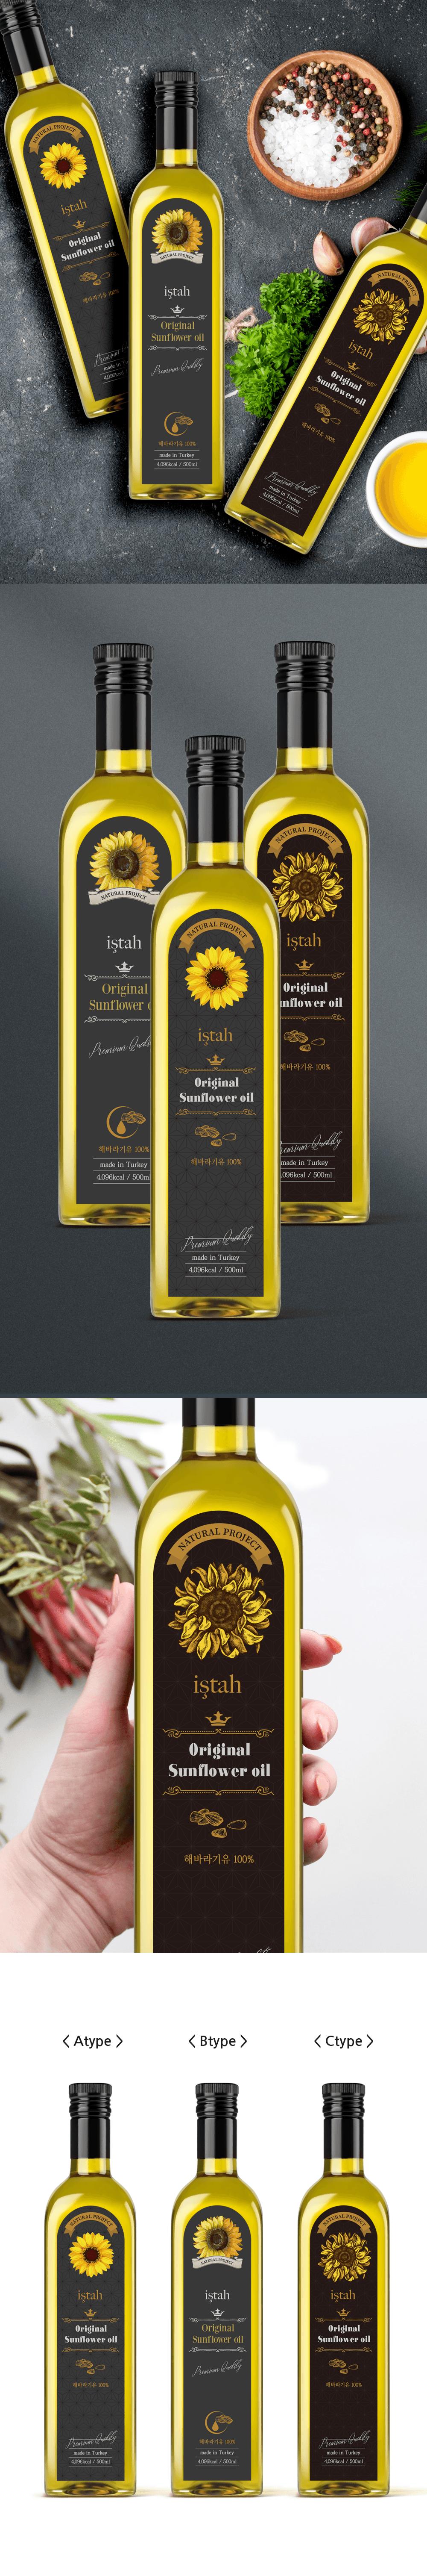 라벨 디자인 | 해바라기유 라벨 디자인의뢰 | 라우드소싱 포트폴리오